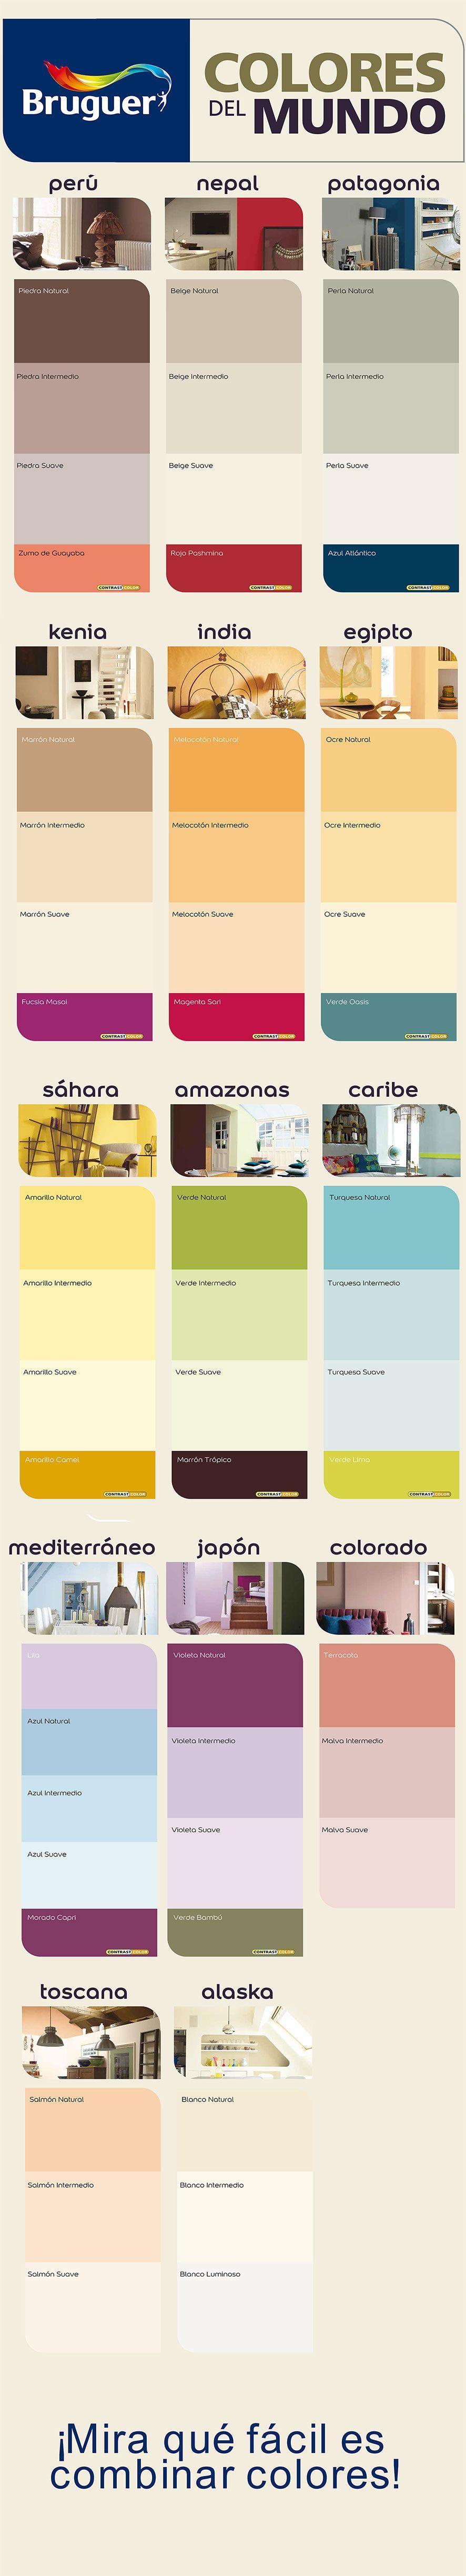 Carta de colores colores del mundo bruguer paleta de - Paleta de colores para paredes ...